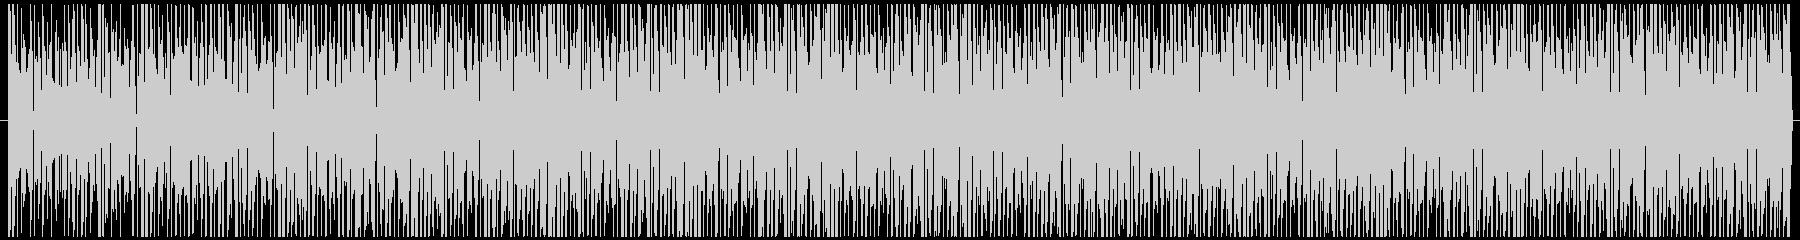 検証動画で流れてそうなBGMの未再生の波形